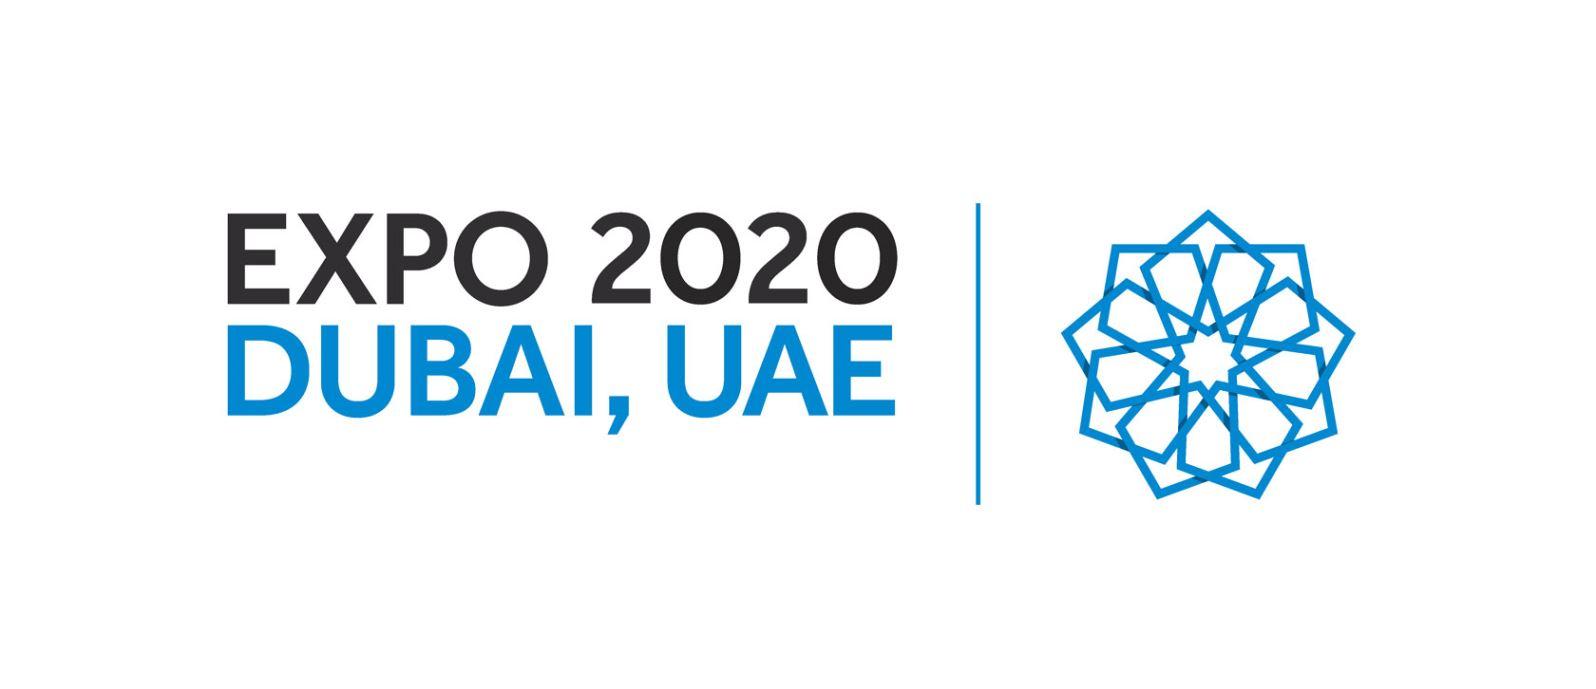 Dubai EXPO 2020: ТОП-10 Самых Грандиозных Инвестиционных Проектов